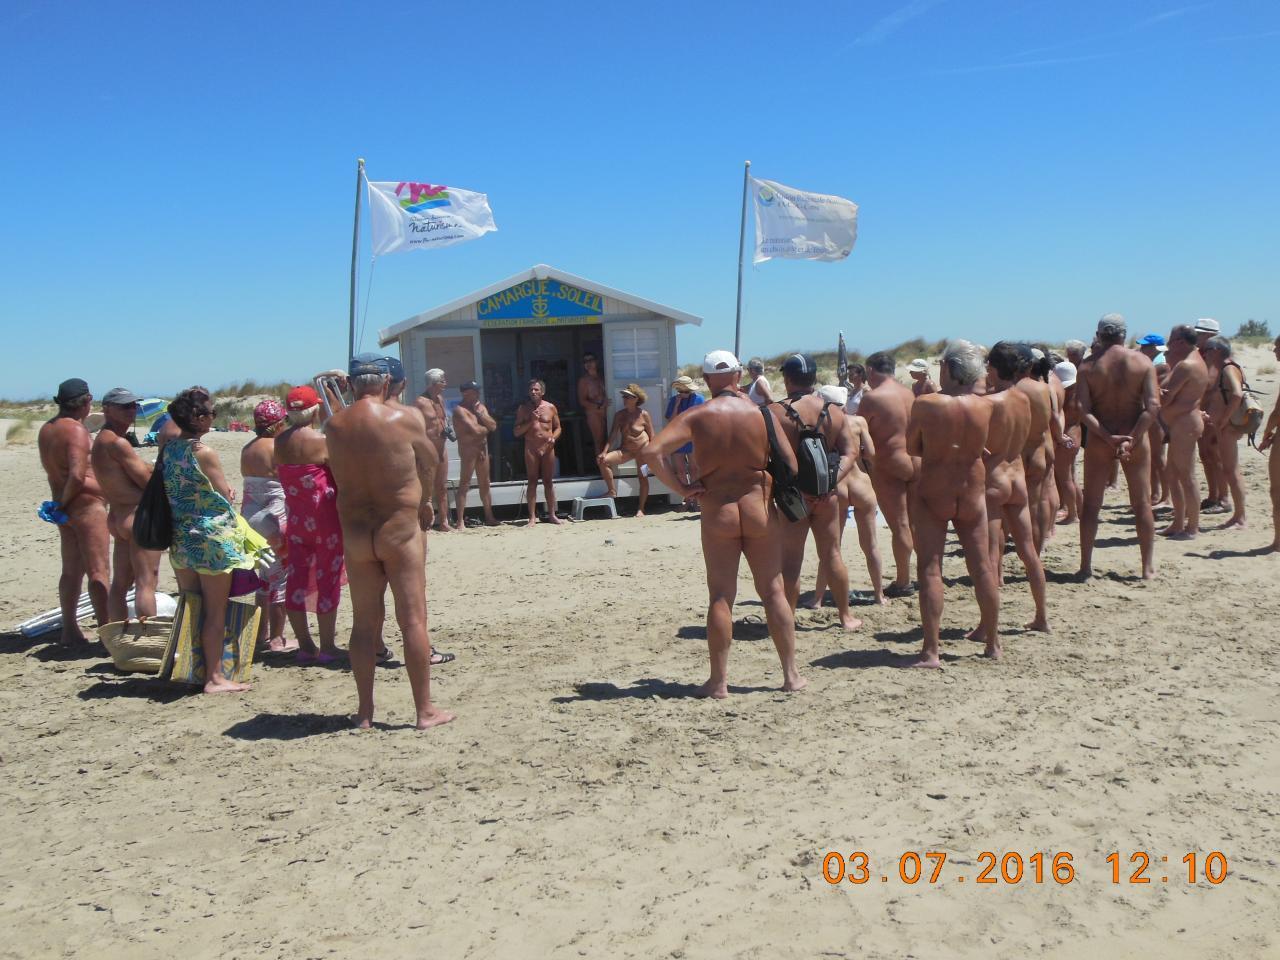 Galerie de photos de plage nudiste